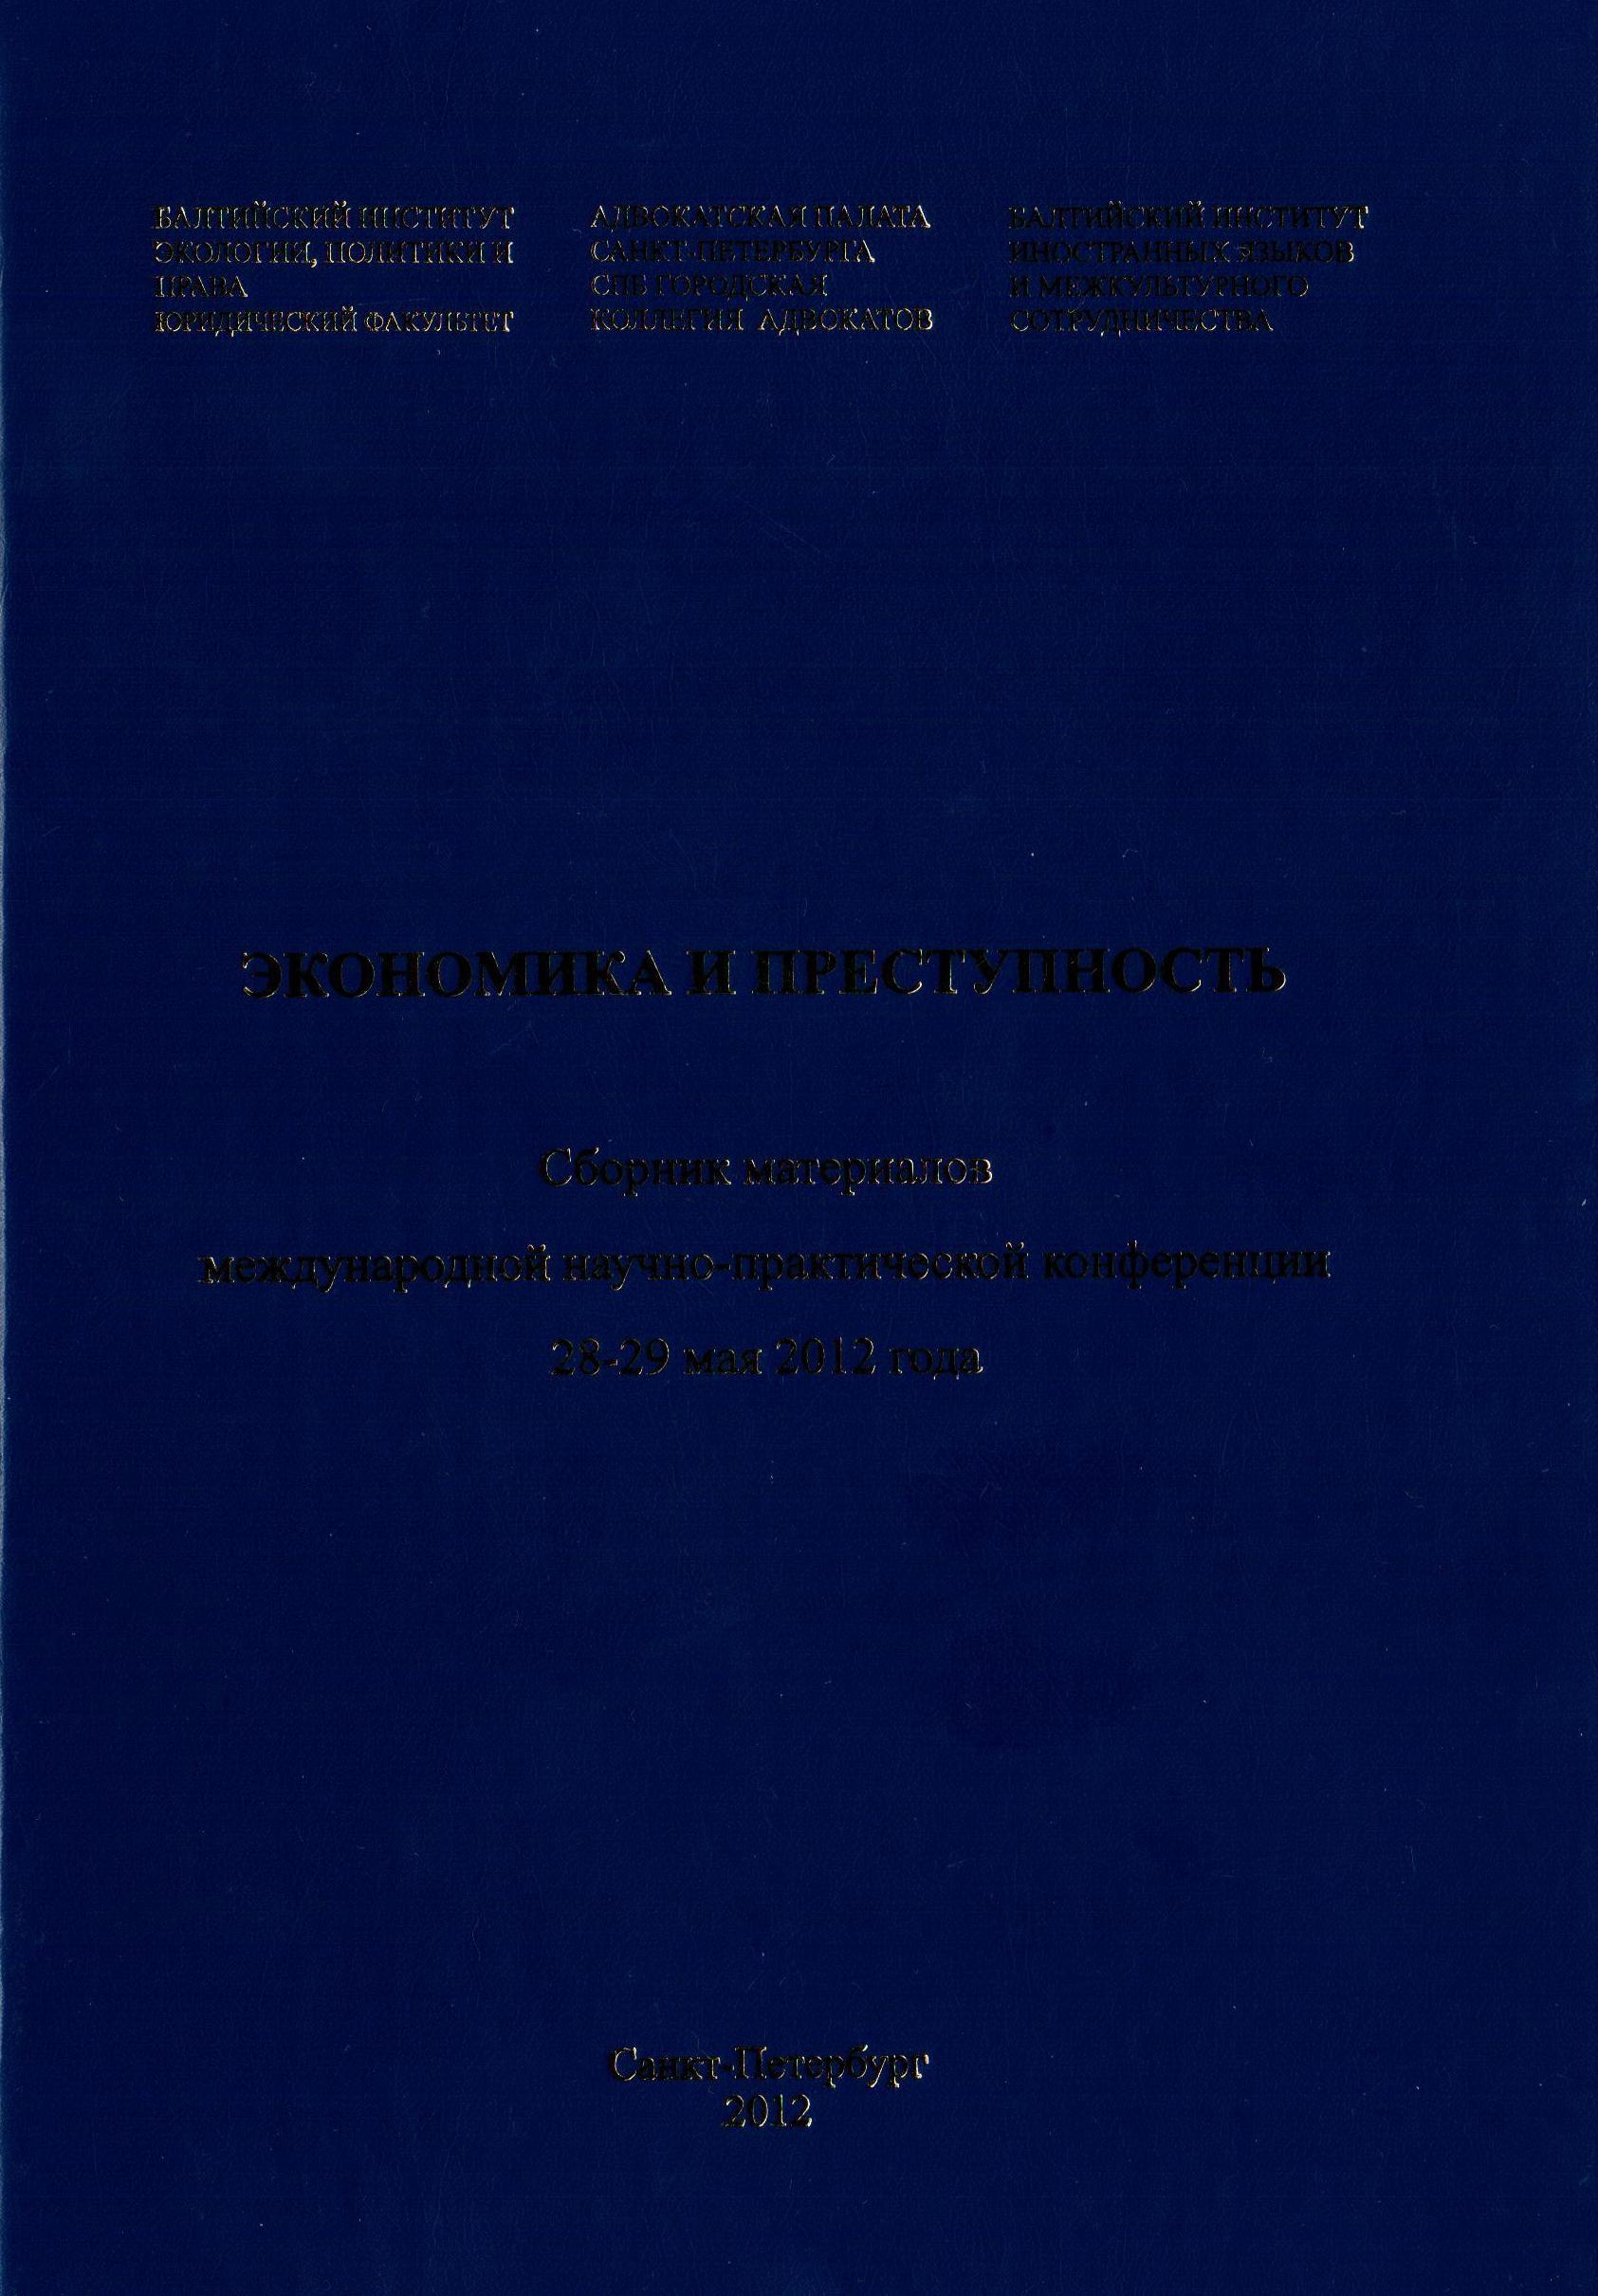 Экономика и преступность. Сборник материалов международной научно-практической конференции 28-29 мая 2012 г., Санкт-Петербург